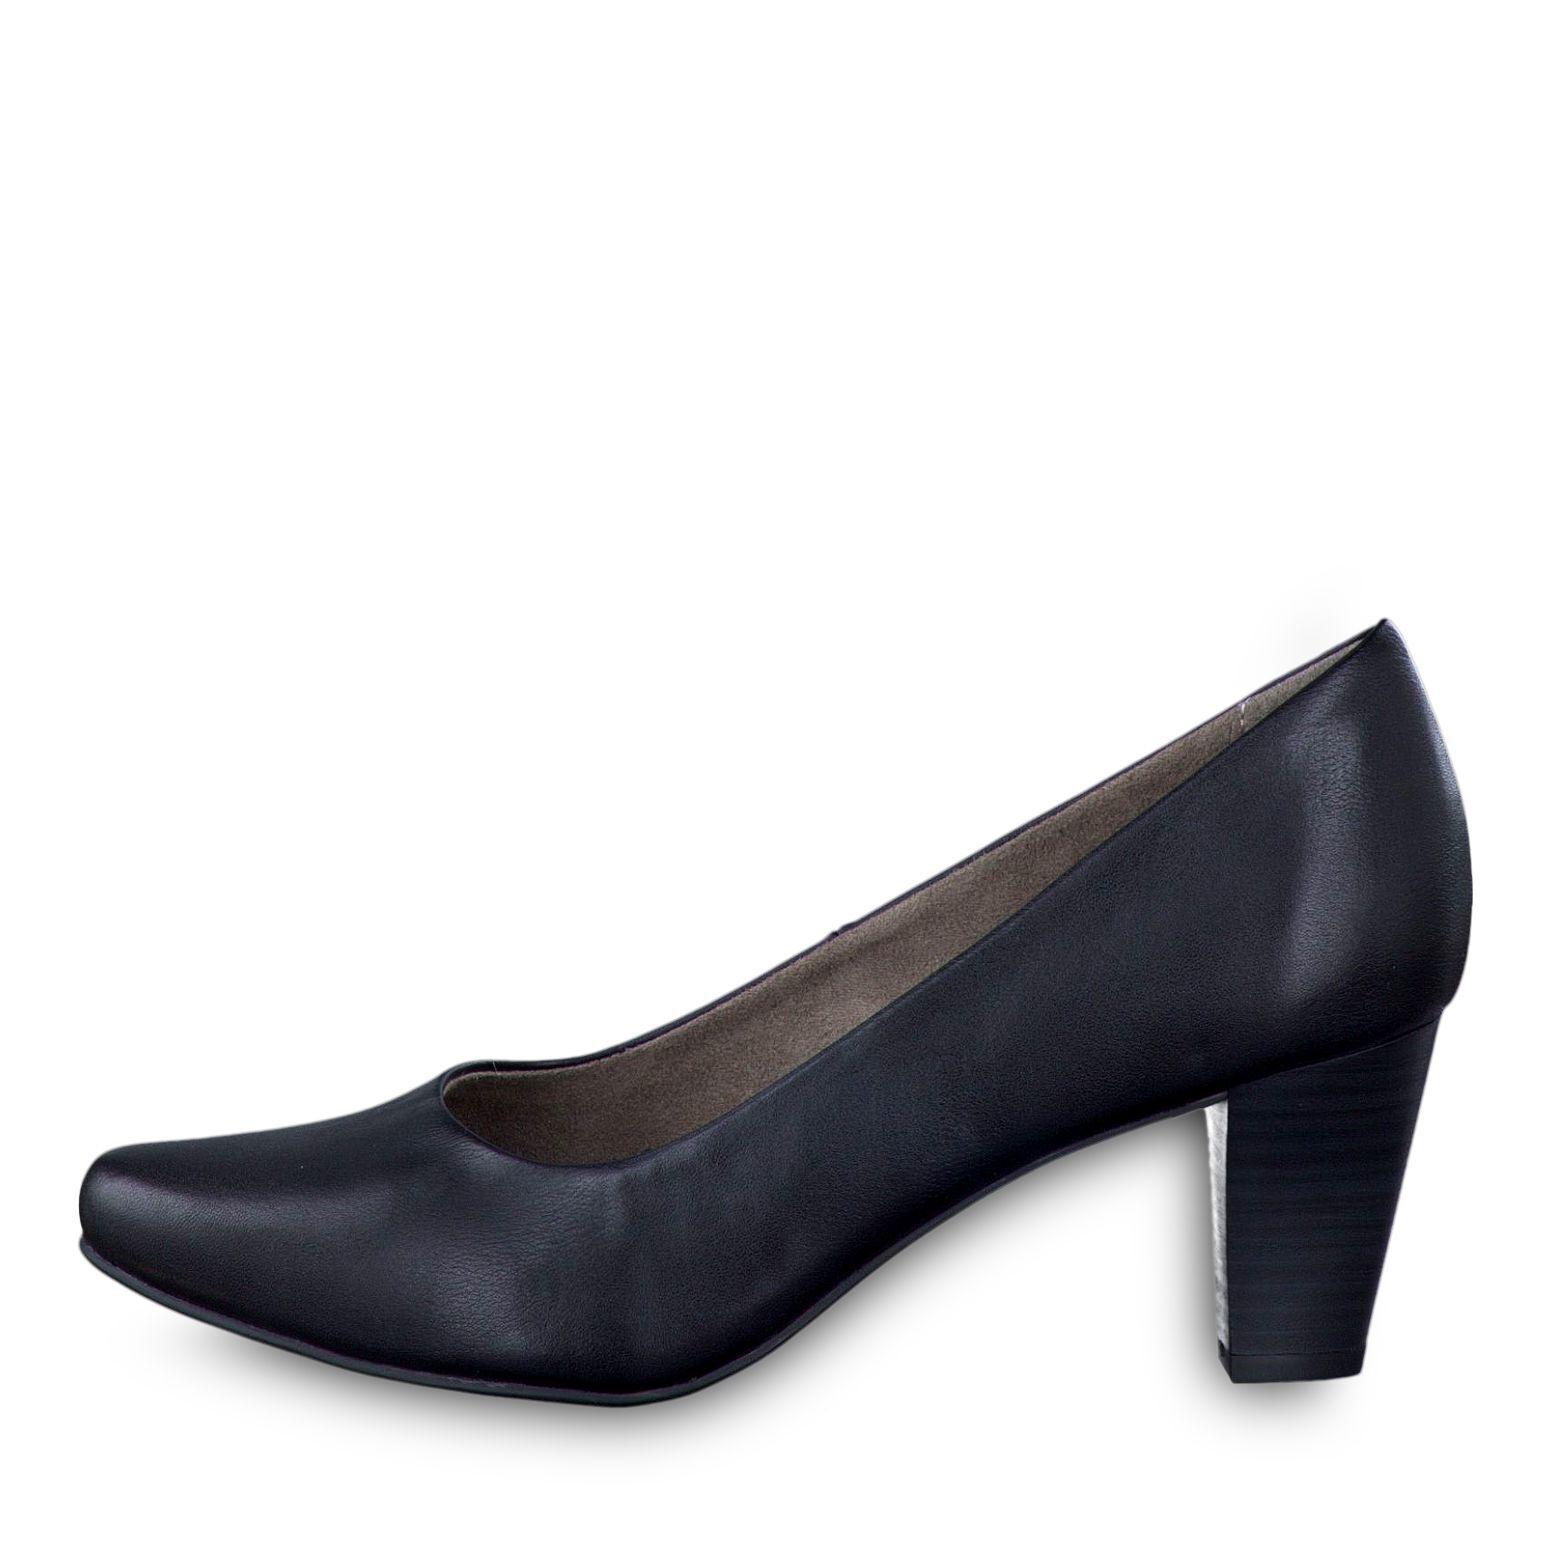 Femme chaussures ballerines escarpin noir 38 dLksNH7S